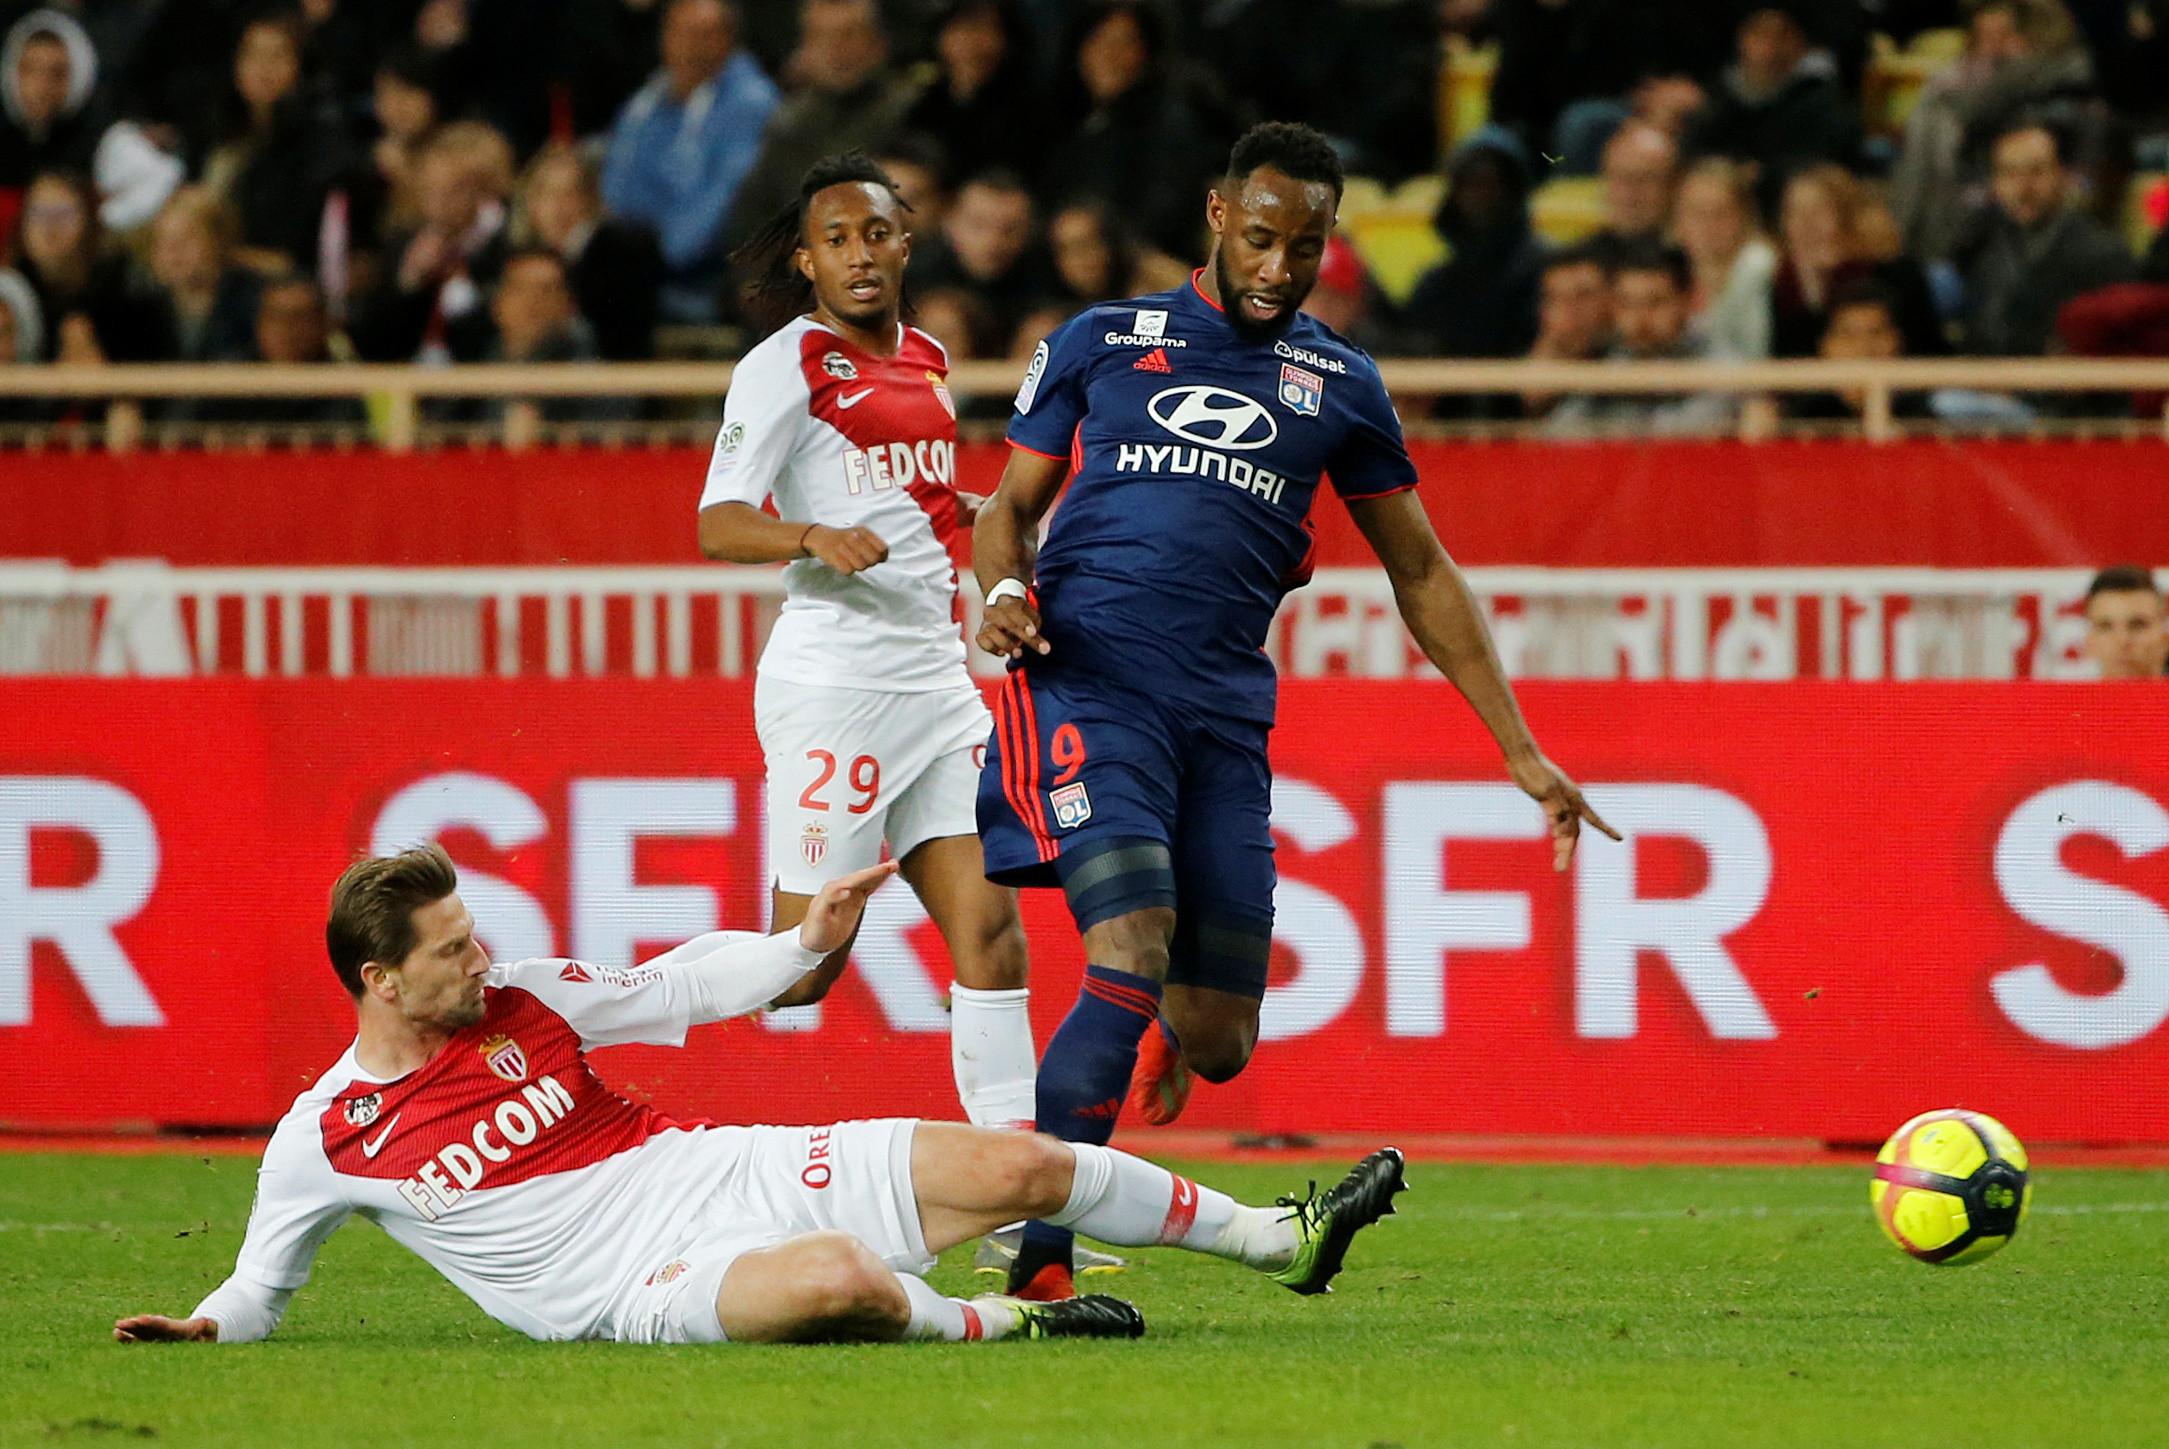 Adrien convence e AS Monaco já sabe o que vai fazer